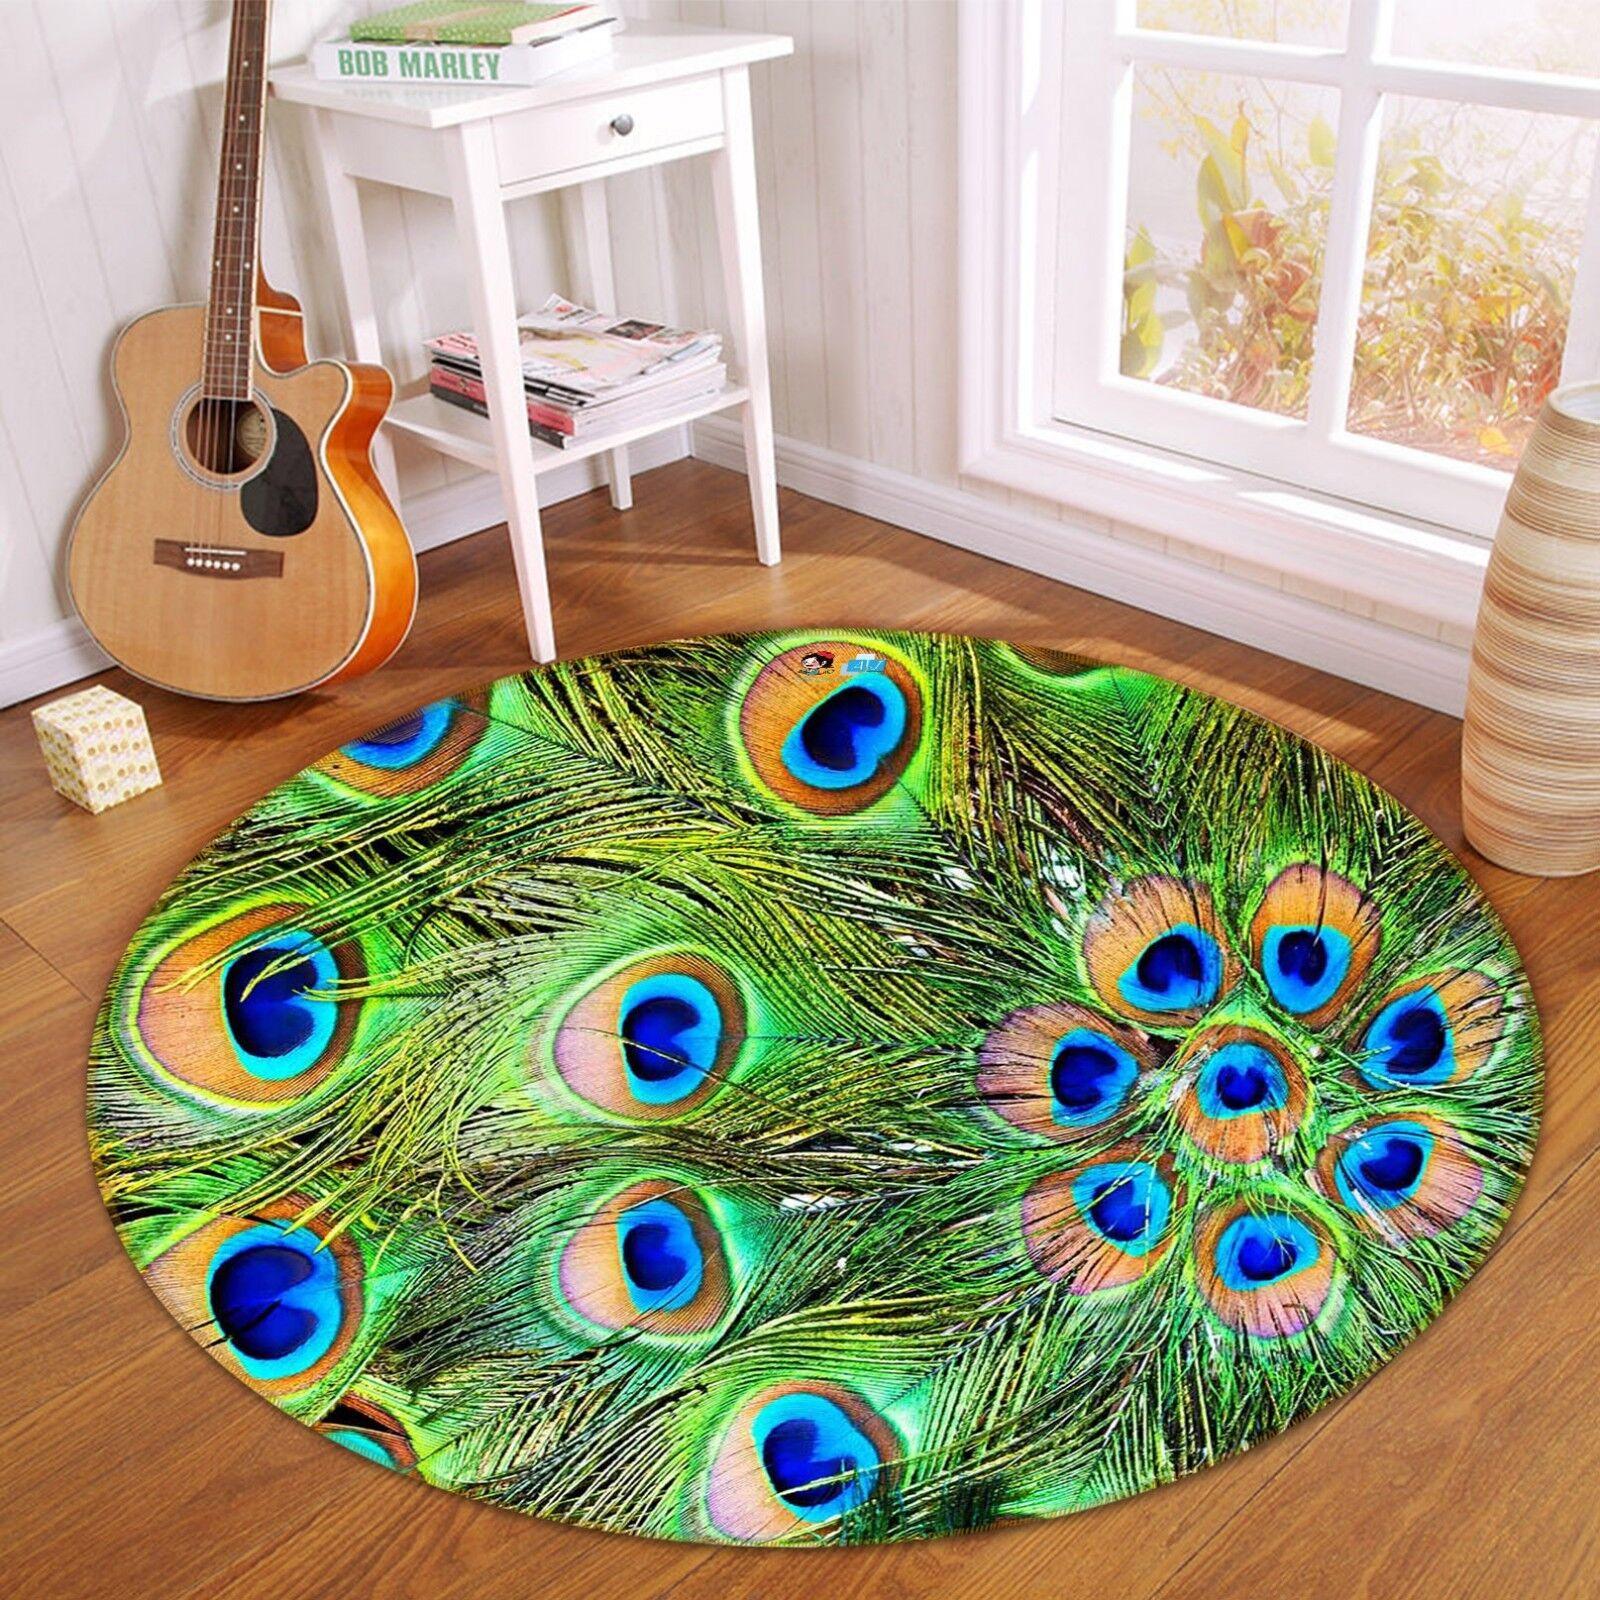 3D Piume di Pavone 2 tappetino antiscivolo tappeto camera tappetino tappeto rossoondo elegante foto Regno Unito